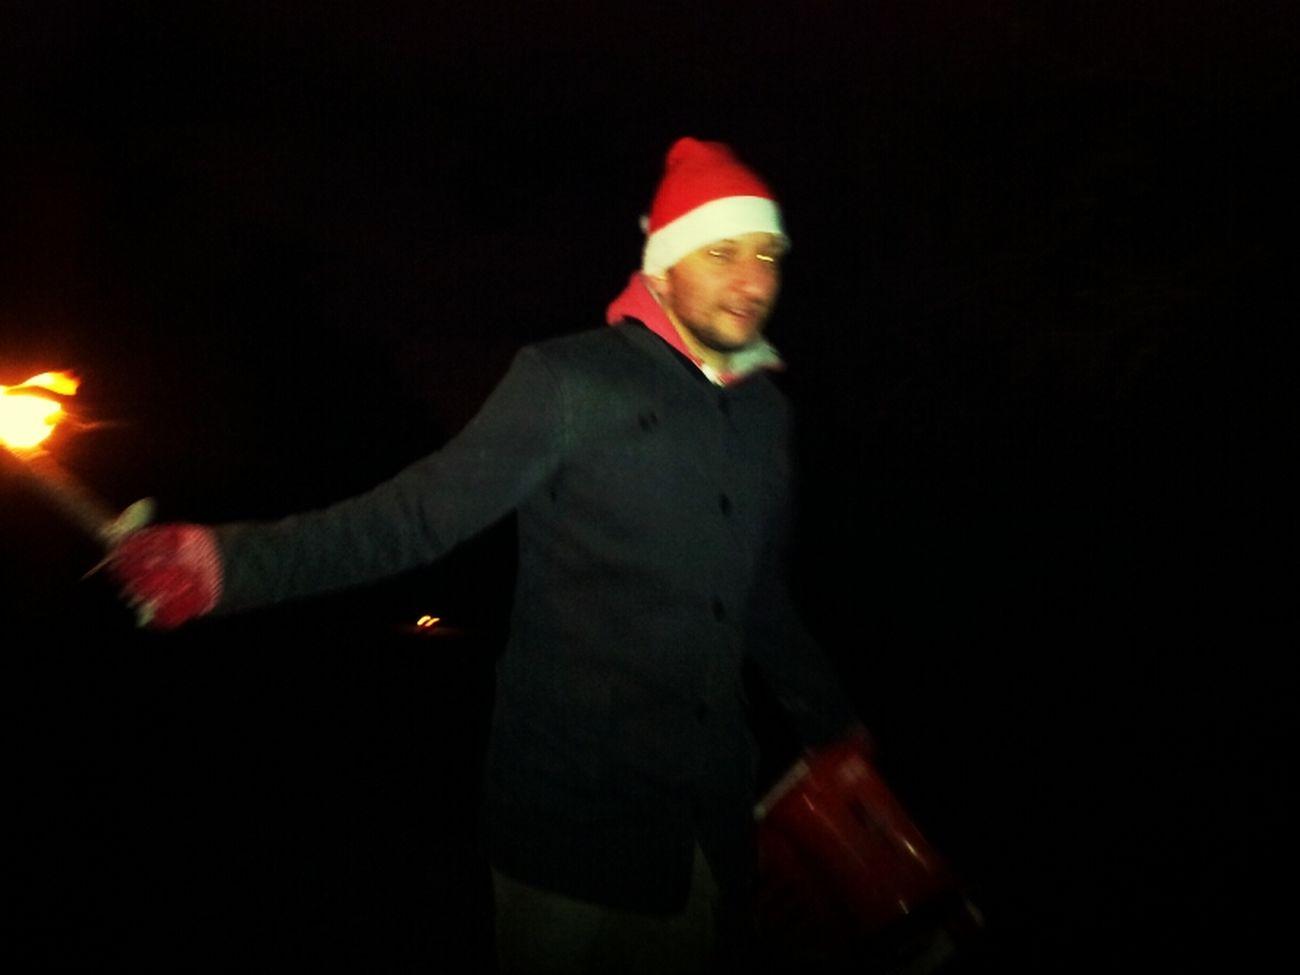 EyeEm Christmas Safari